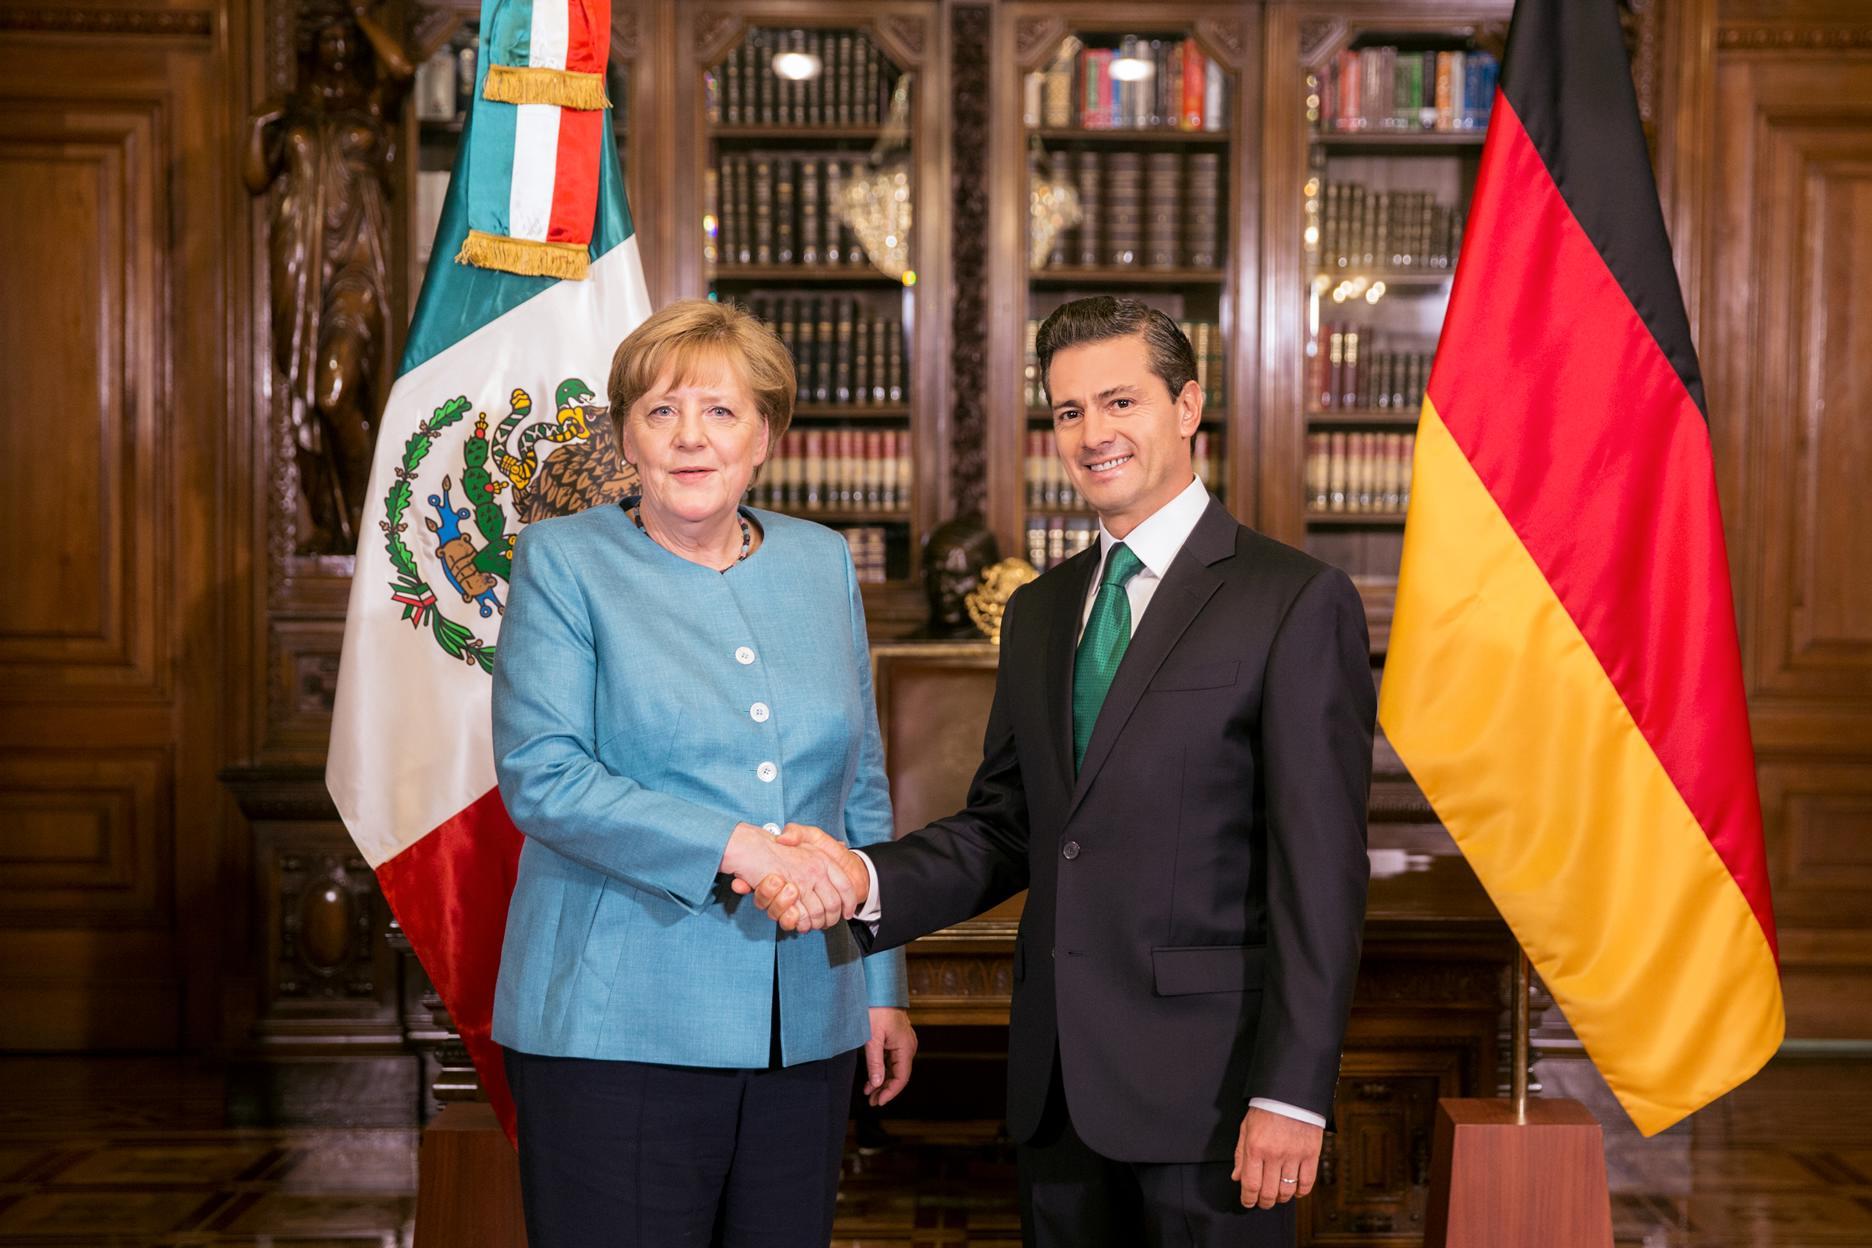 Ambos gobernantes se congratularon por la participación de México como País Socio de la Feria Industrial de Hannover 2018, la exhibición industrial más importante del mundo, que reúne a más de 6 mil expositores y recibe a más de 200 mil visitantes.